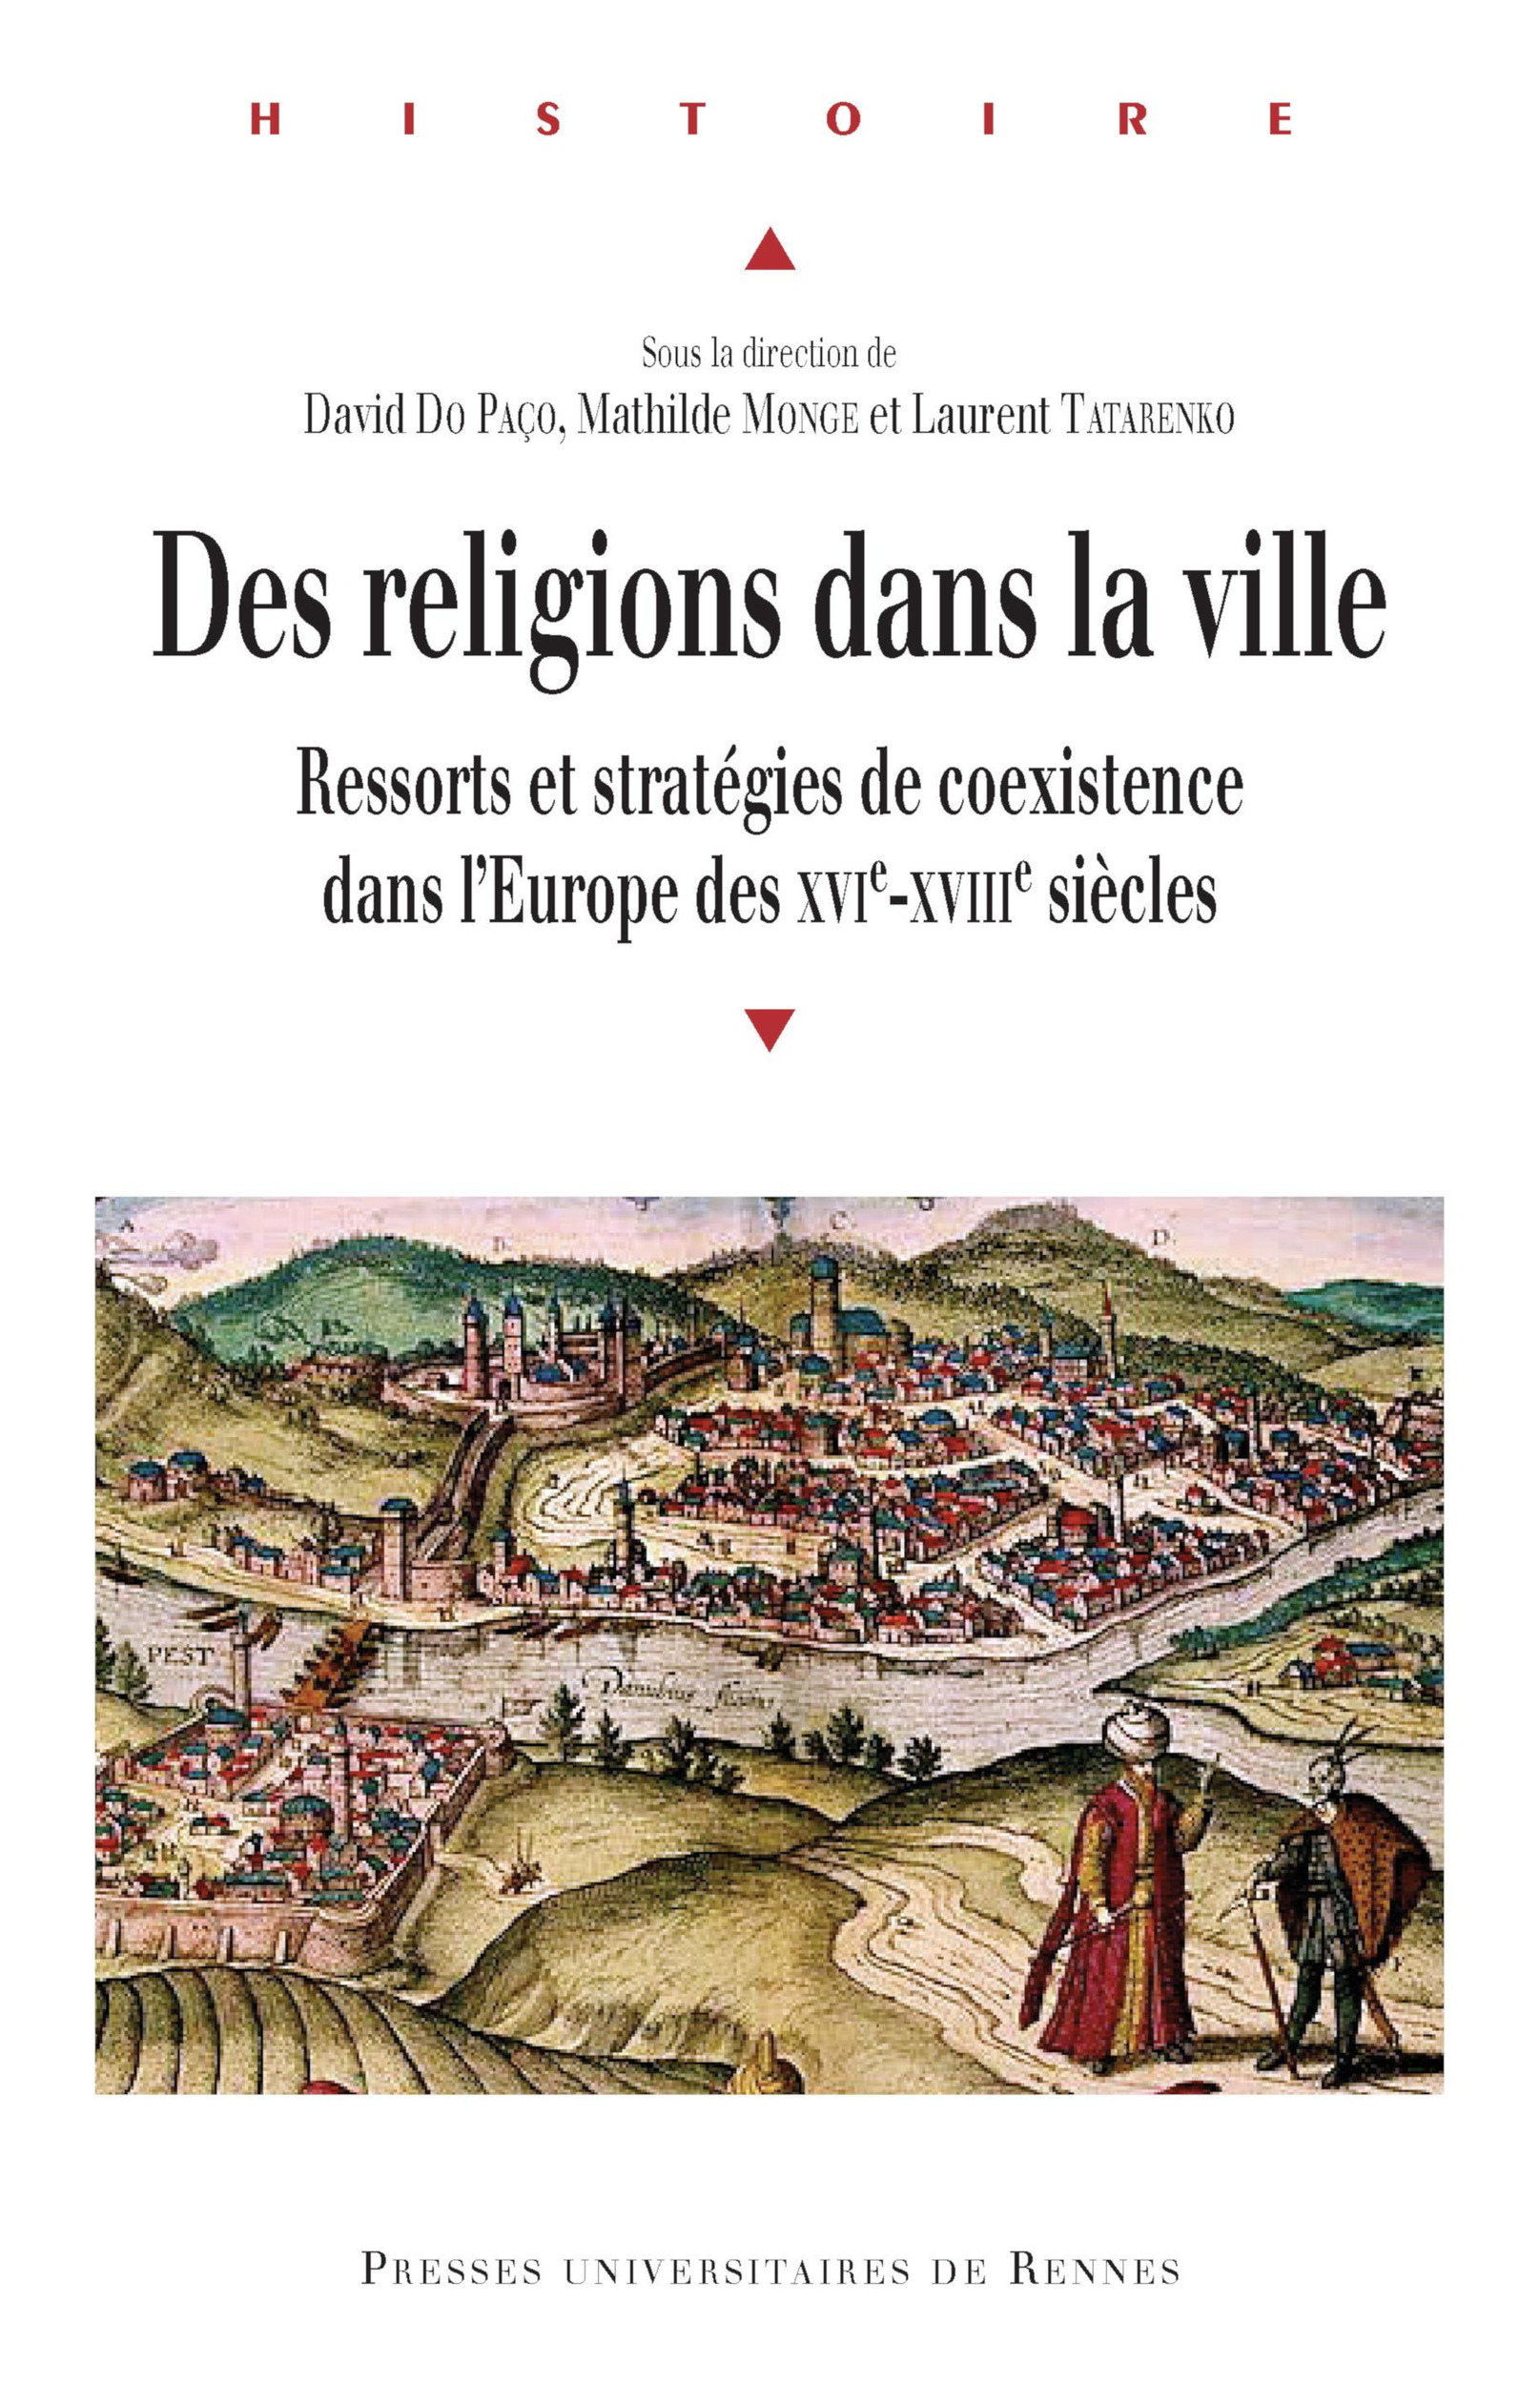 Des religions dans la ville  - Mathilde Monge  - Laurent Tatarenko  - David Do Paço